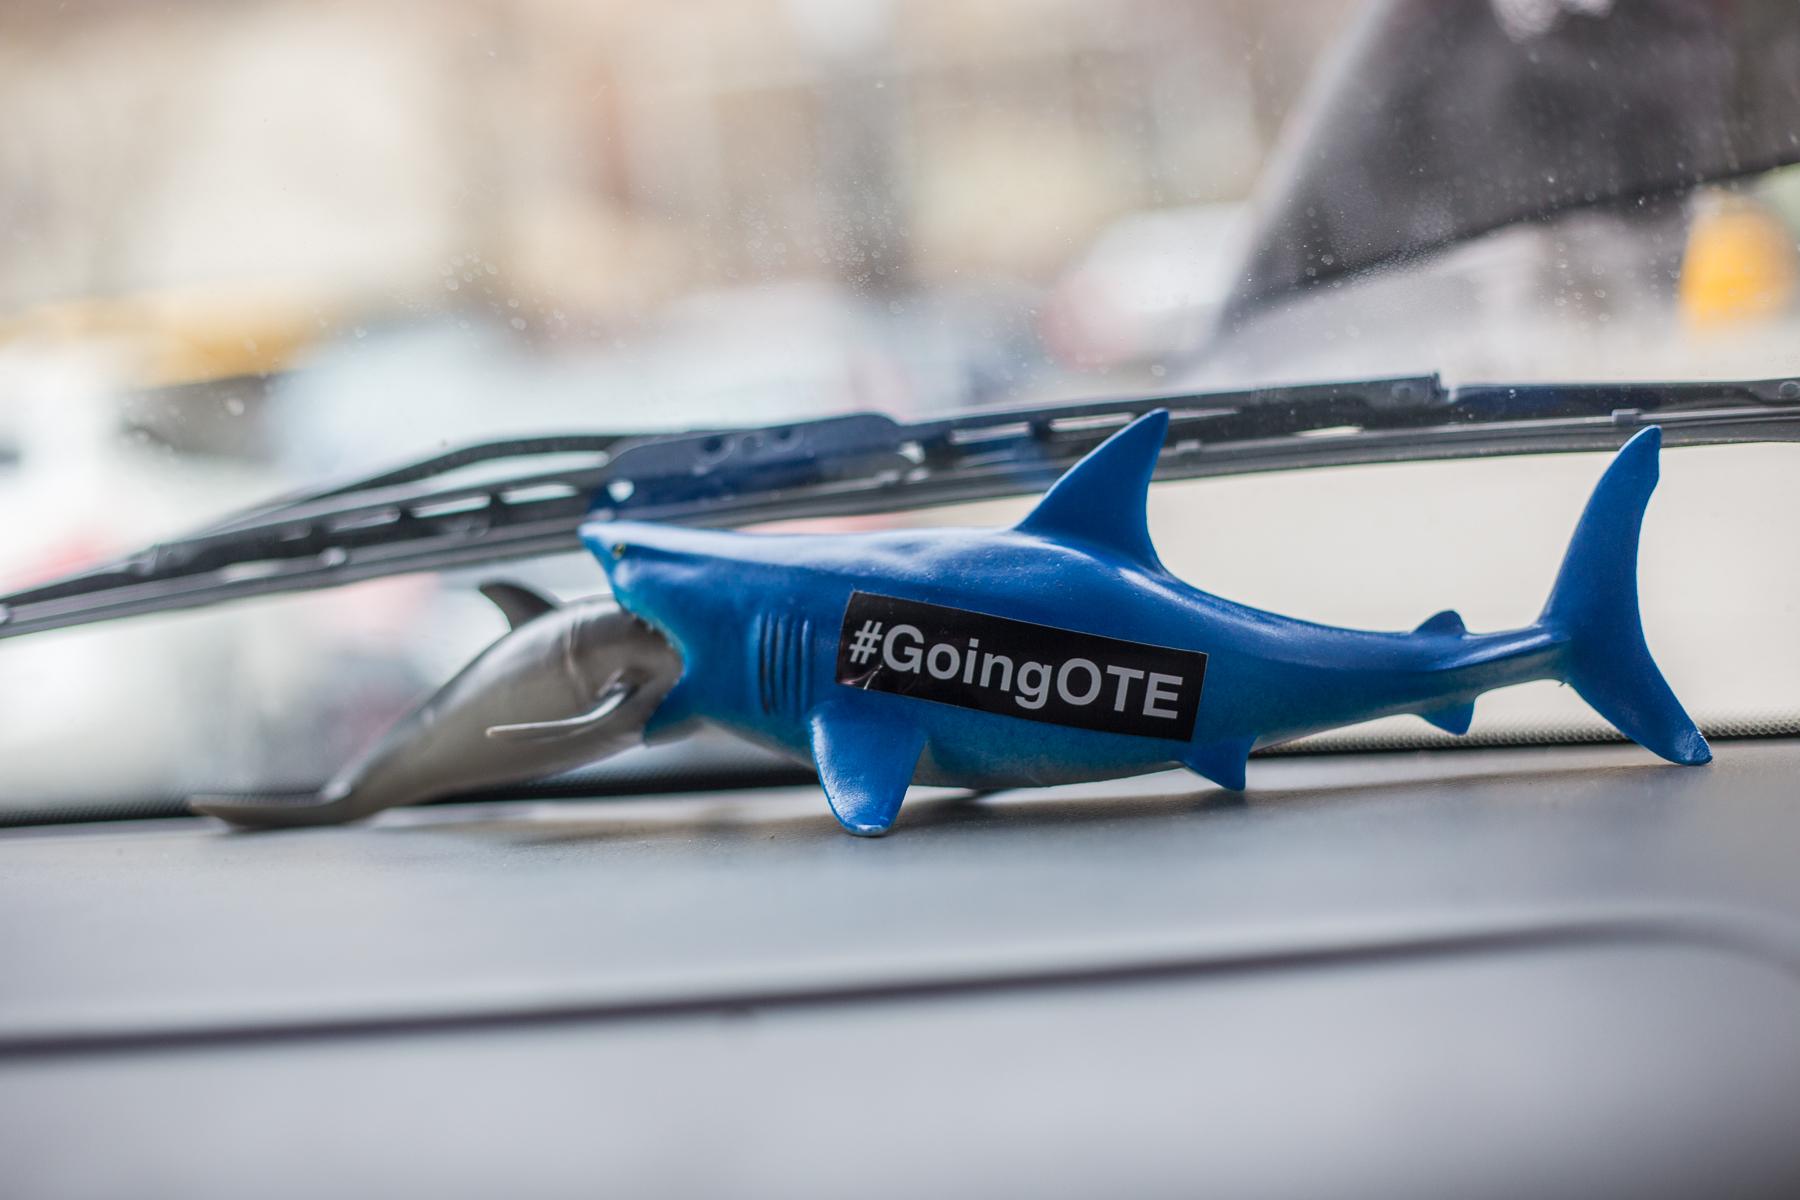 GoingOTE Shark